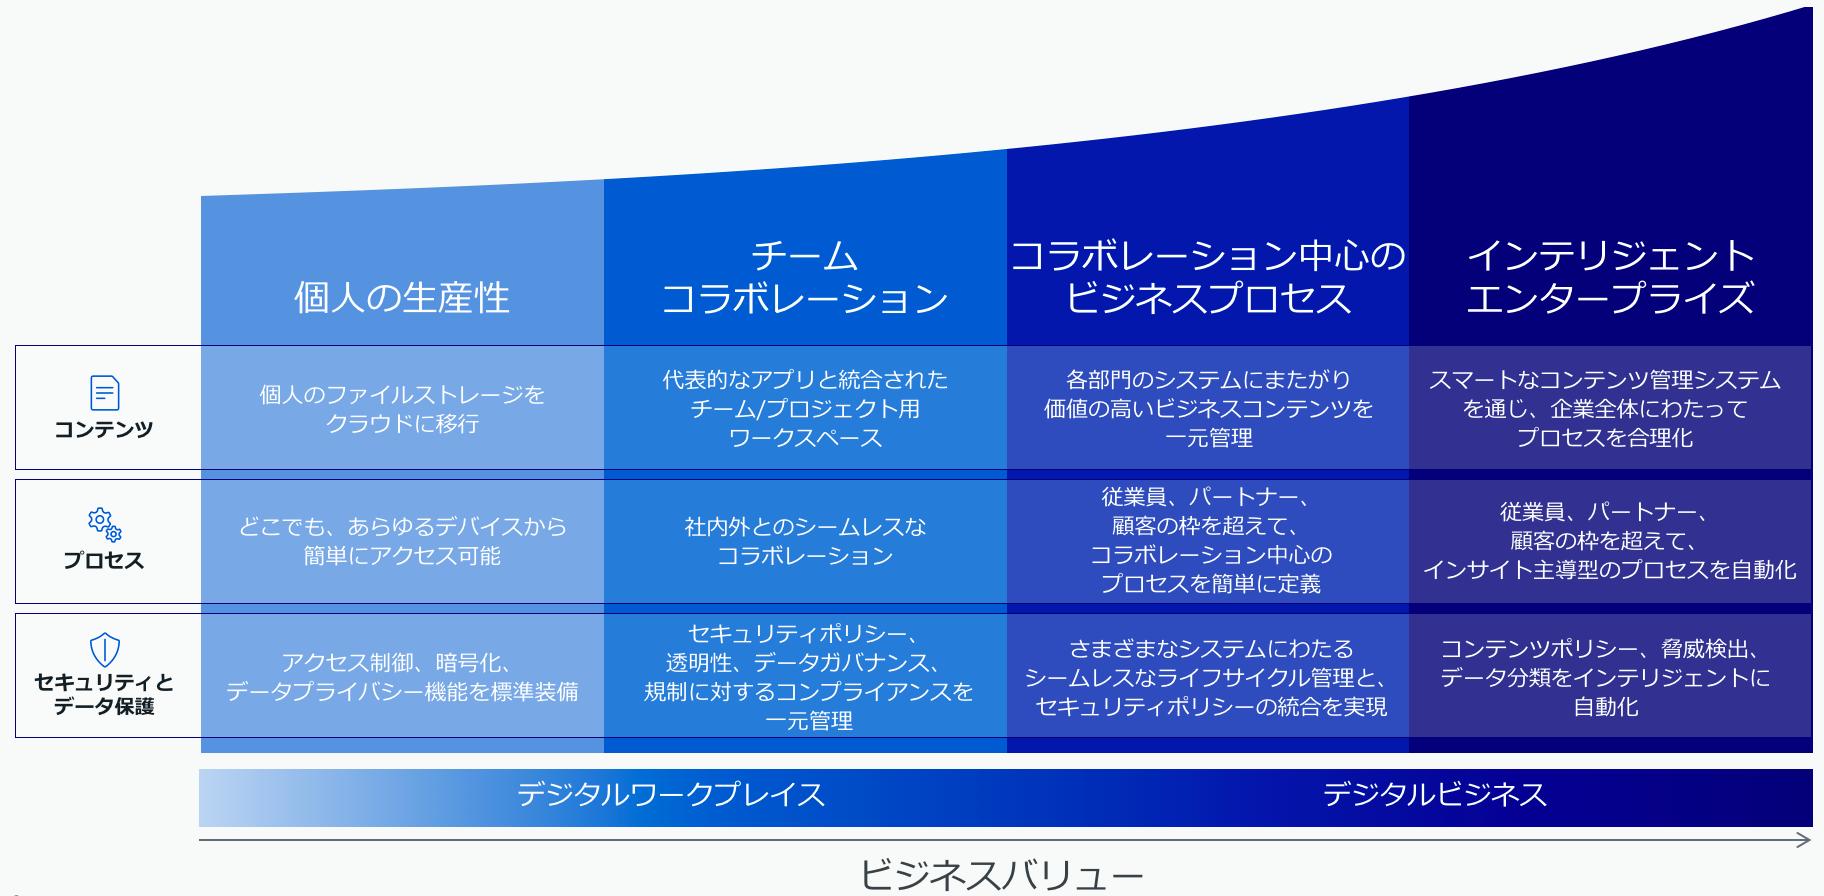 企業全体にわたってデジタル変革を支援するBox